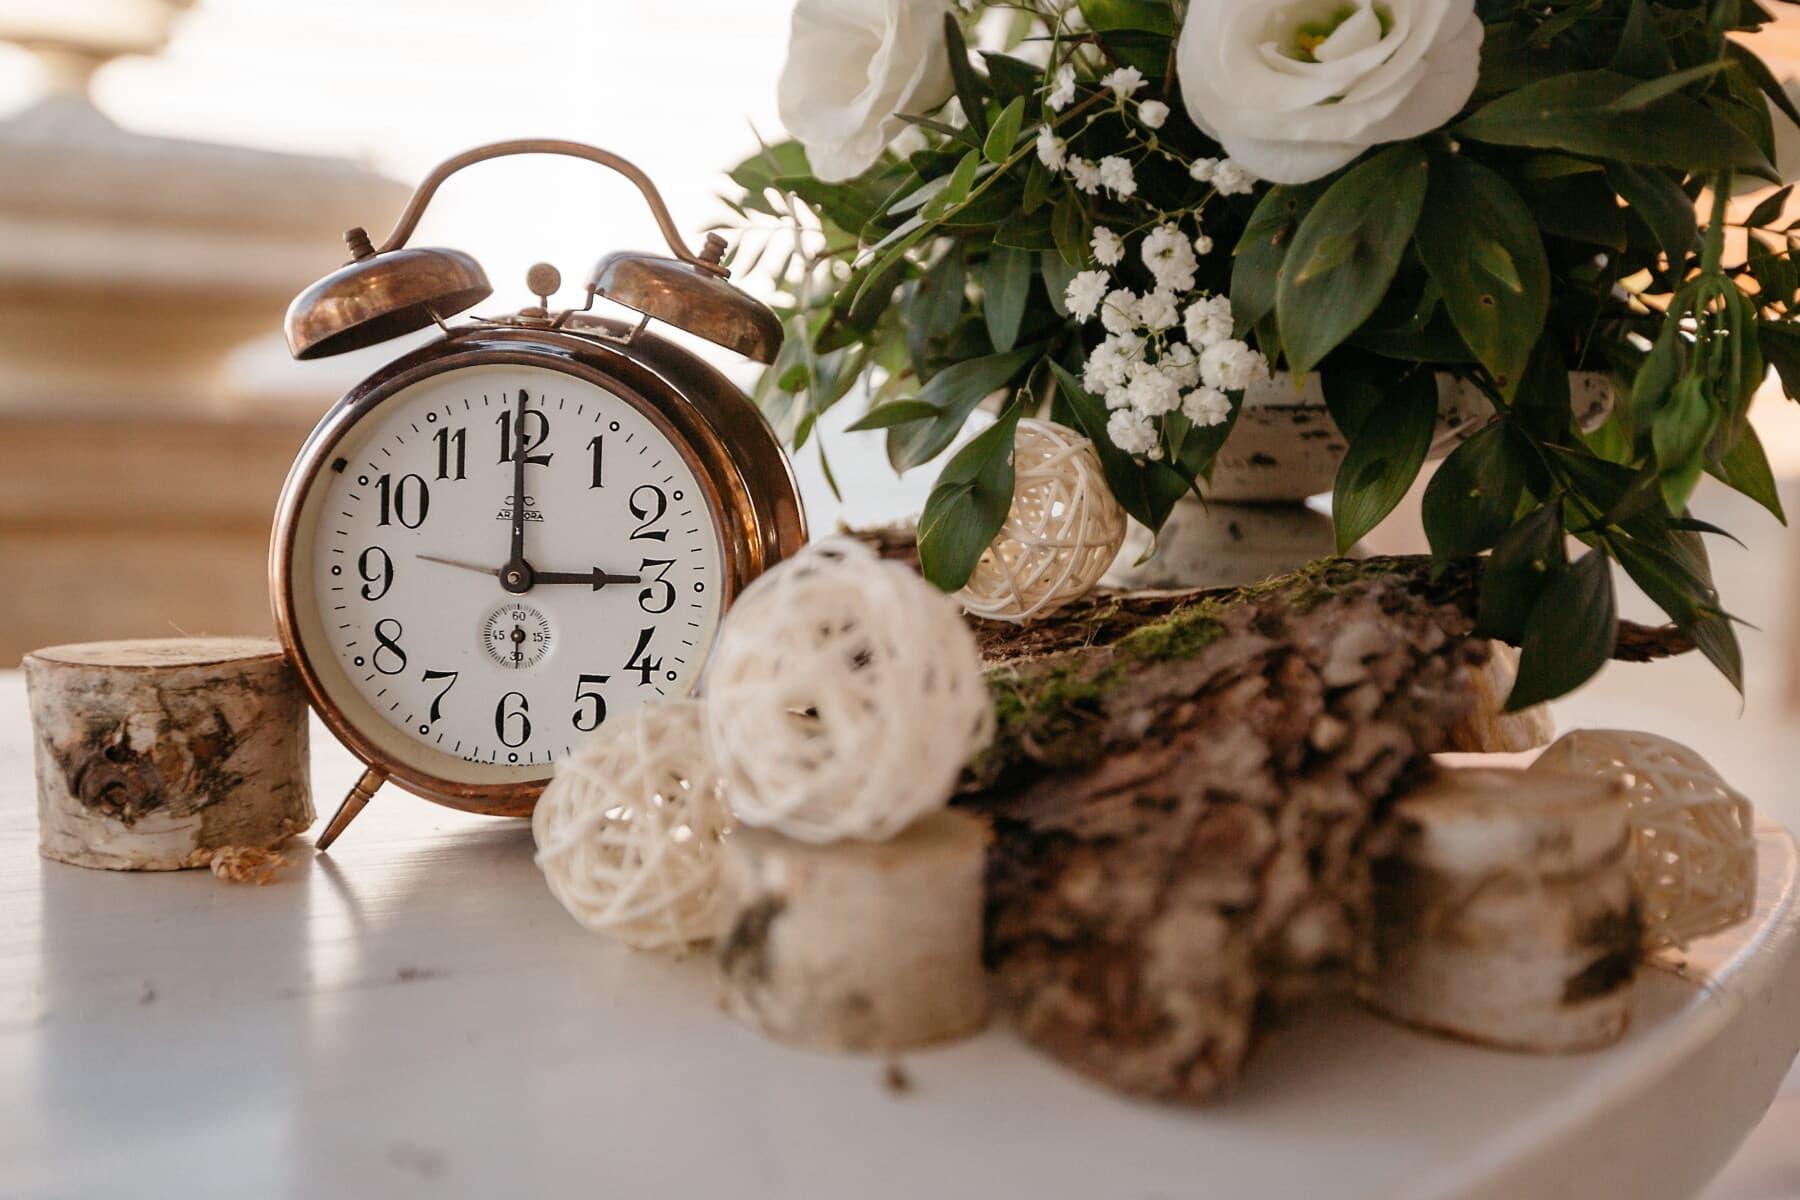 Jahrgang, Glocke, Analoguhr, Kupfer, Metall, Antike, Zeit, Timer, Alarm, Uhr